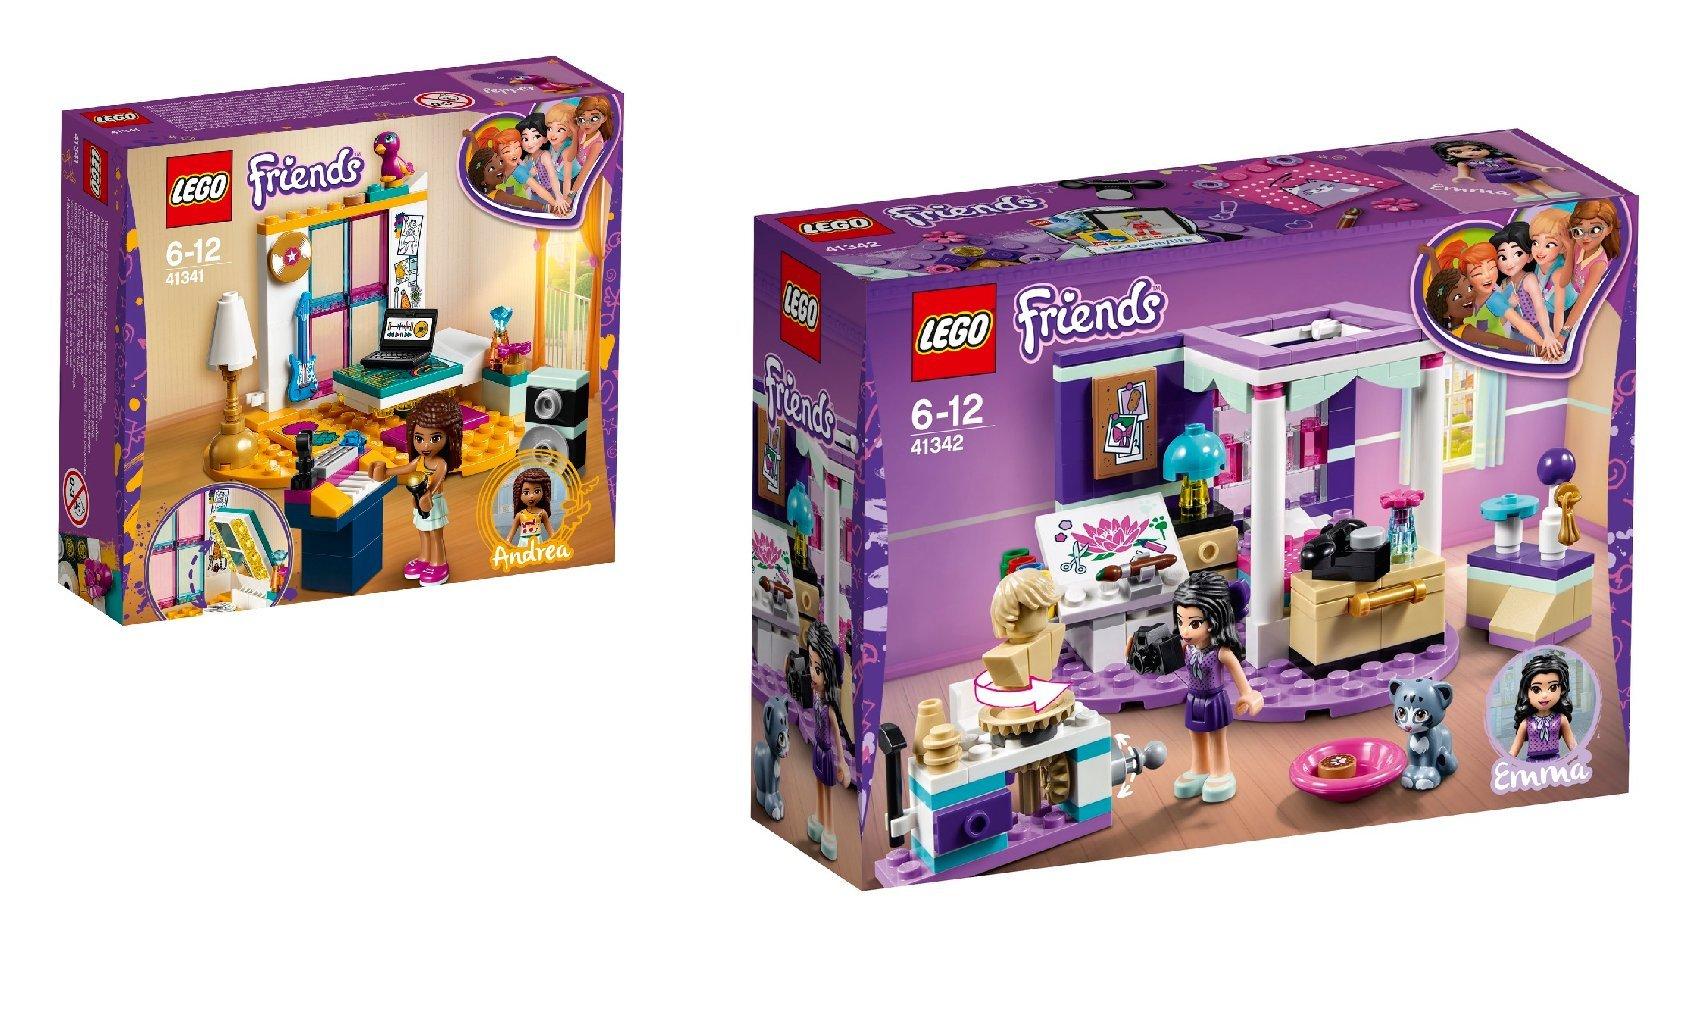 Steinchenwelt Lego Friends 2er Set 41341 Andreas Zimmer 41342